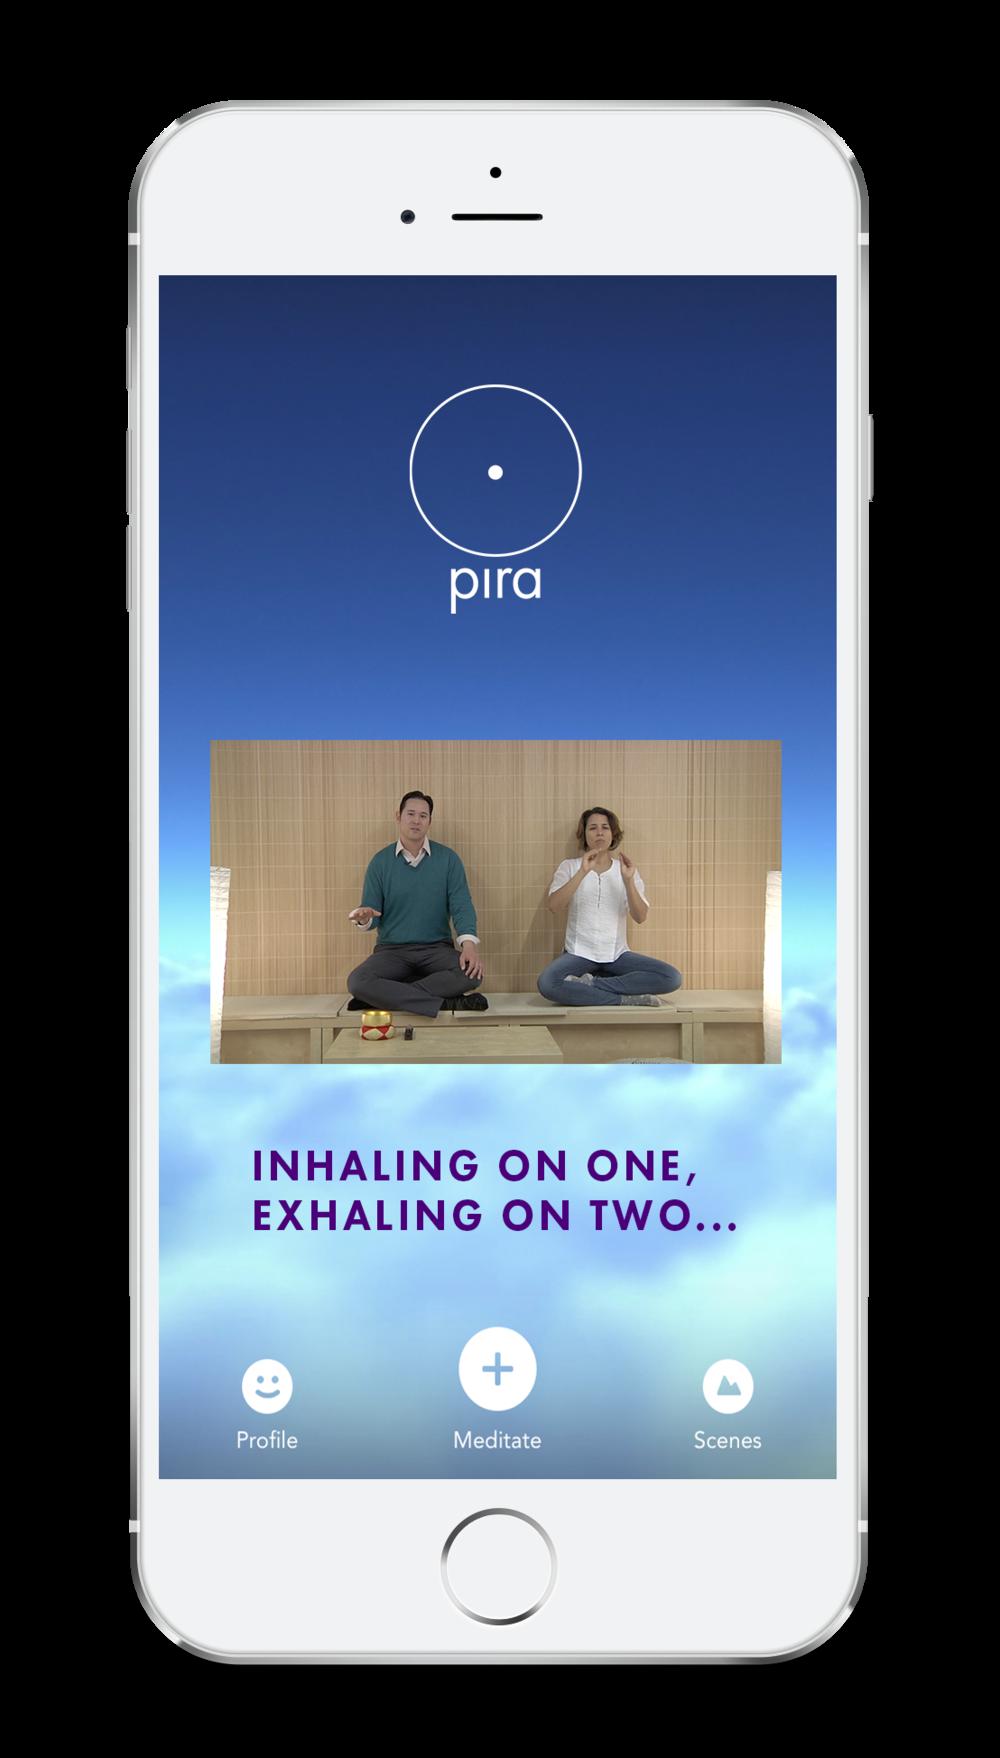 Pira Appfinal1.png